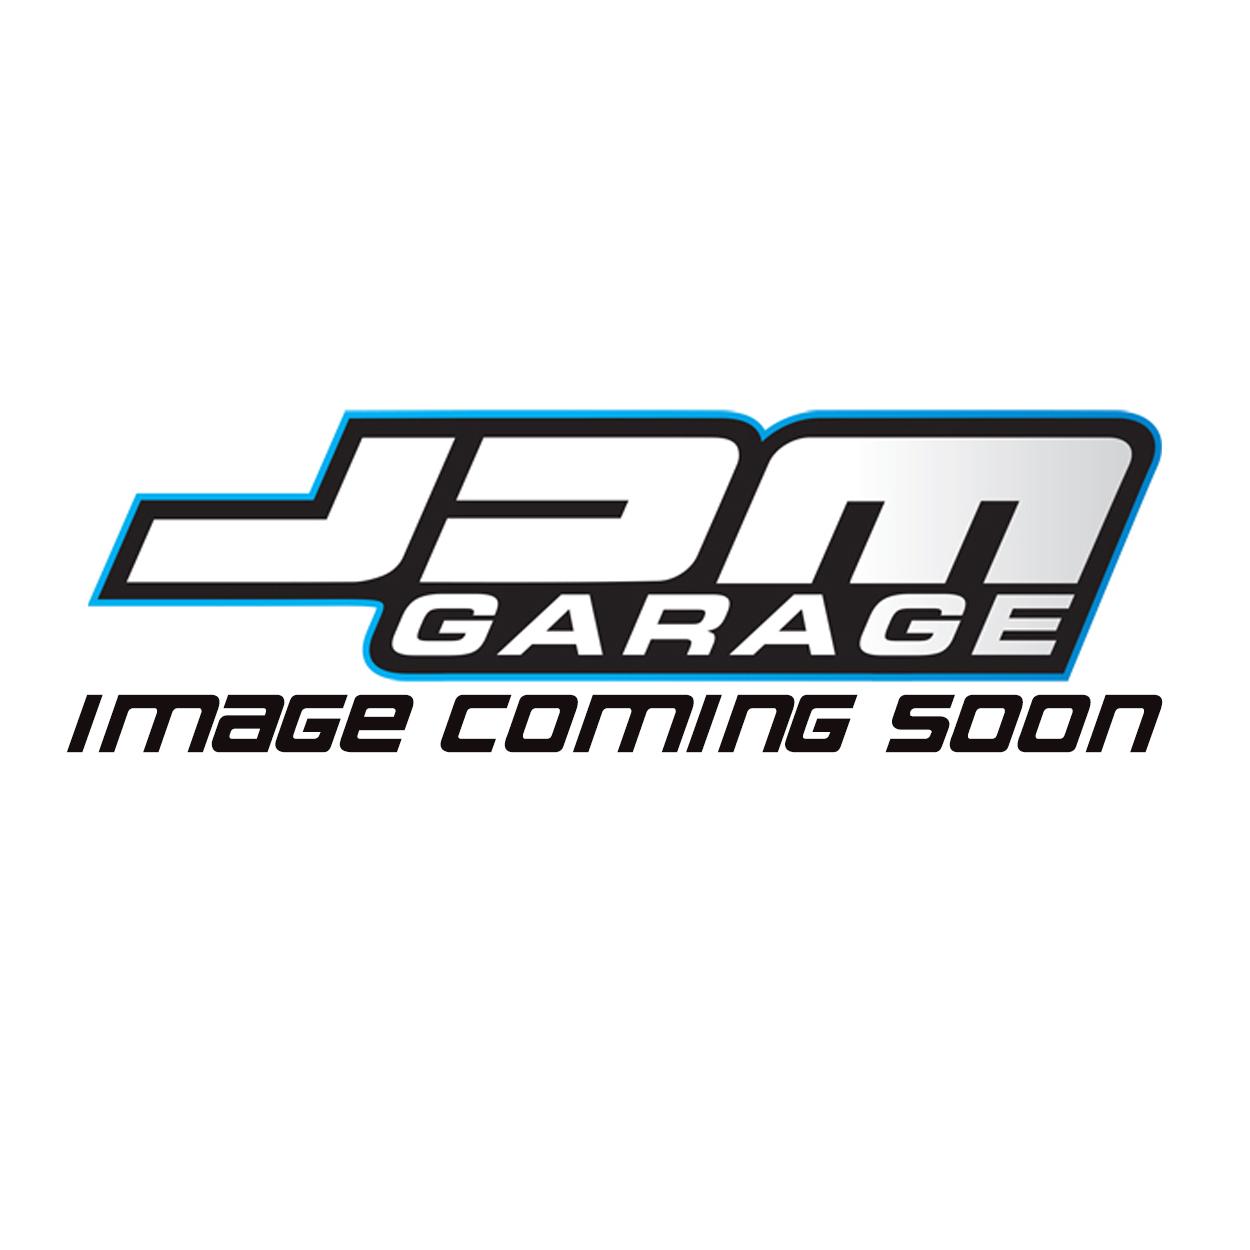 Genuine Nissan RB25DET RB26DETT Lower Shift Lever Snap Ring For Skyline R32 R33 GTST R34 GTT GTR / Stagea WC34 32204-V5003